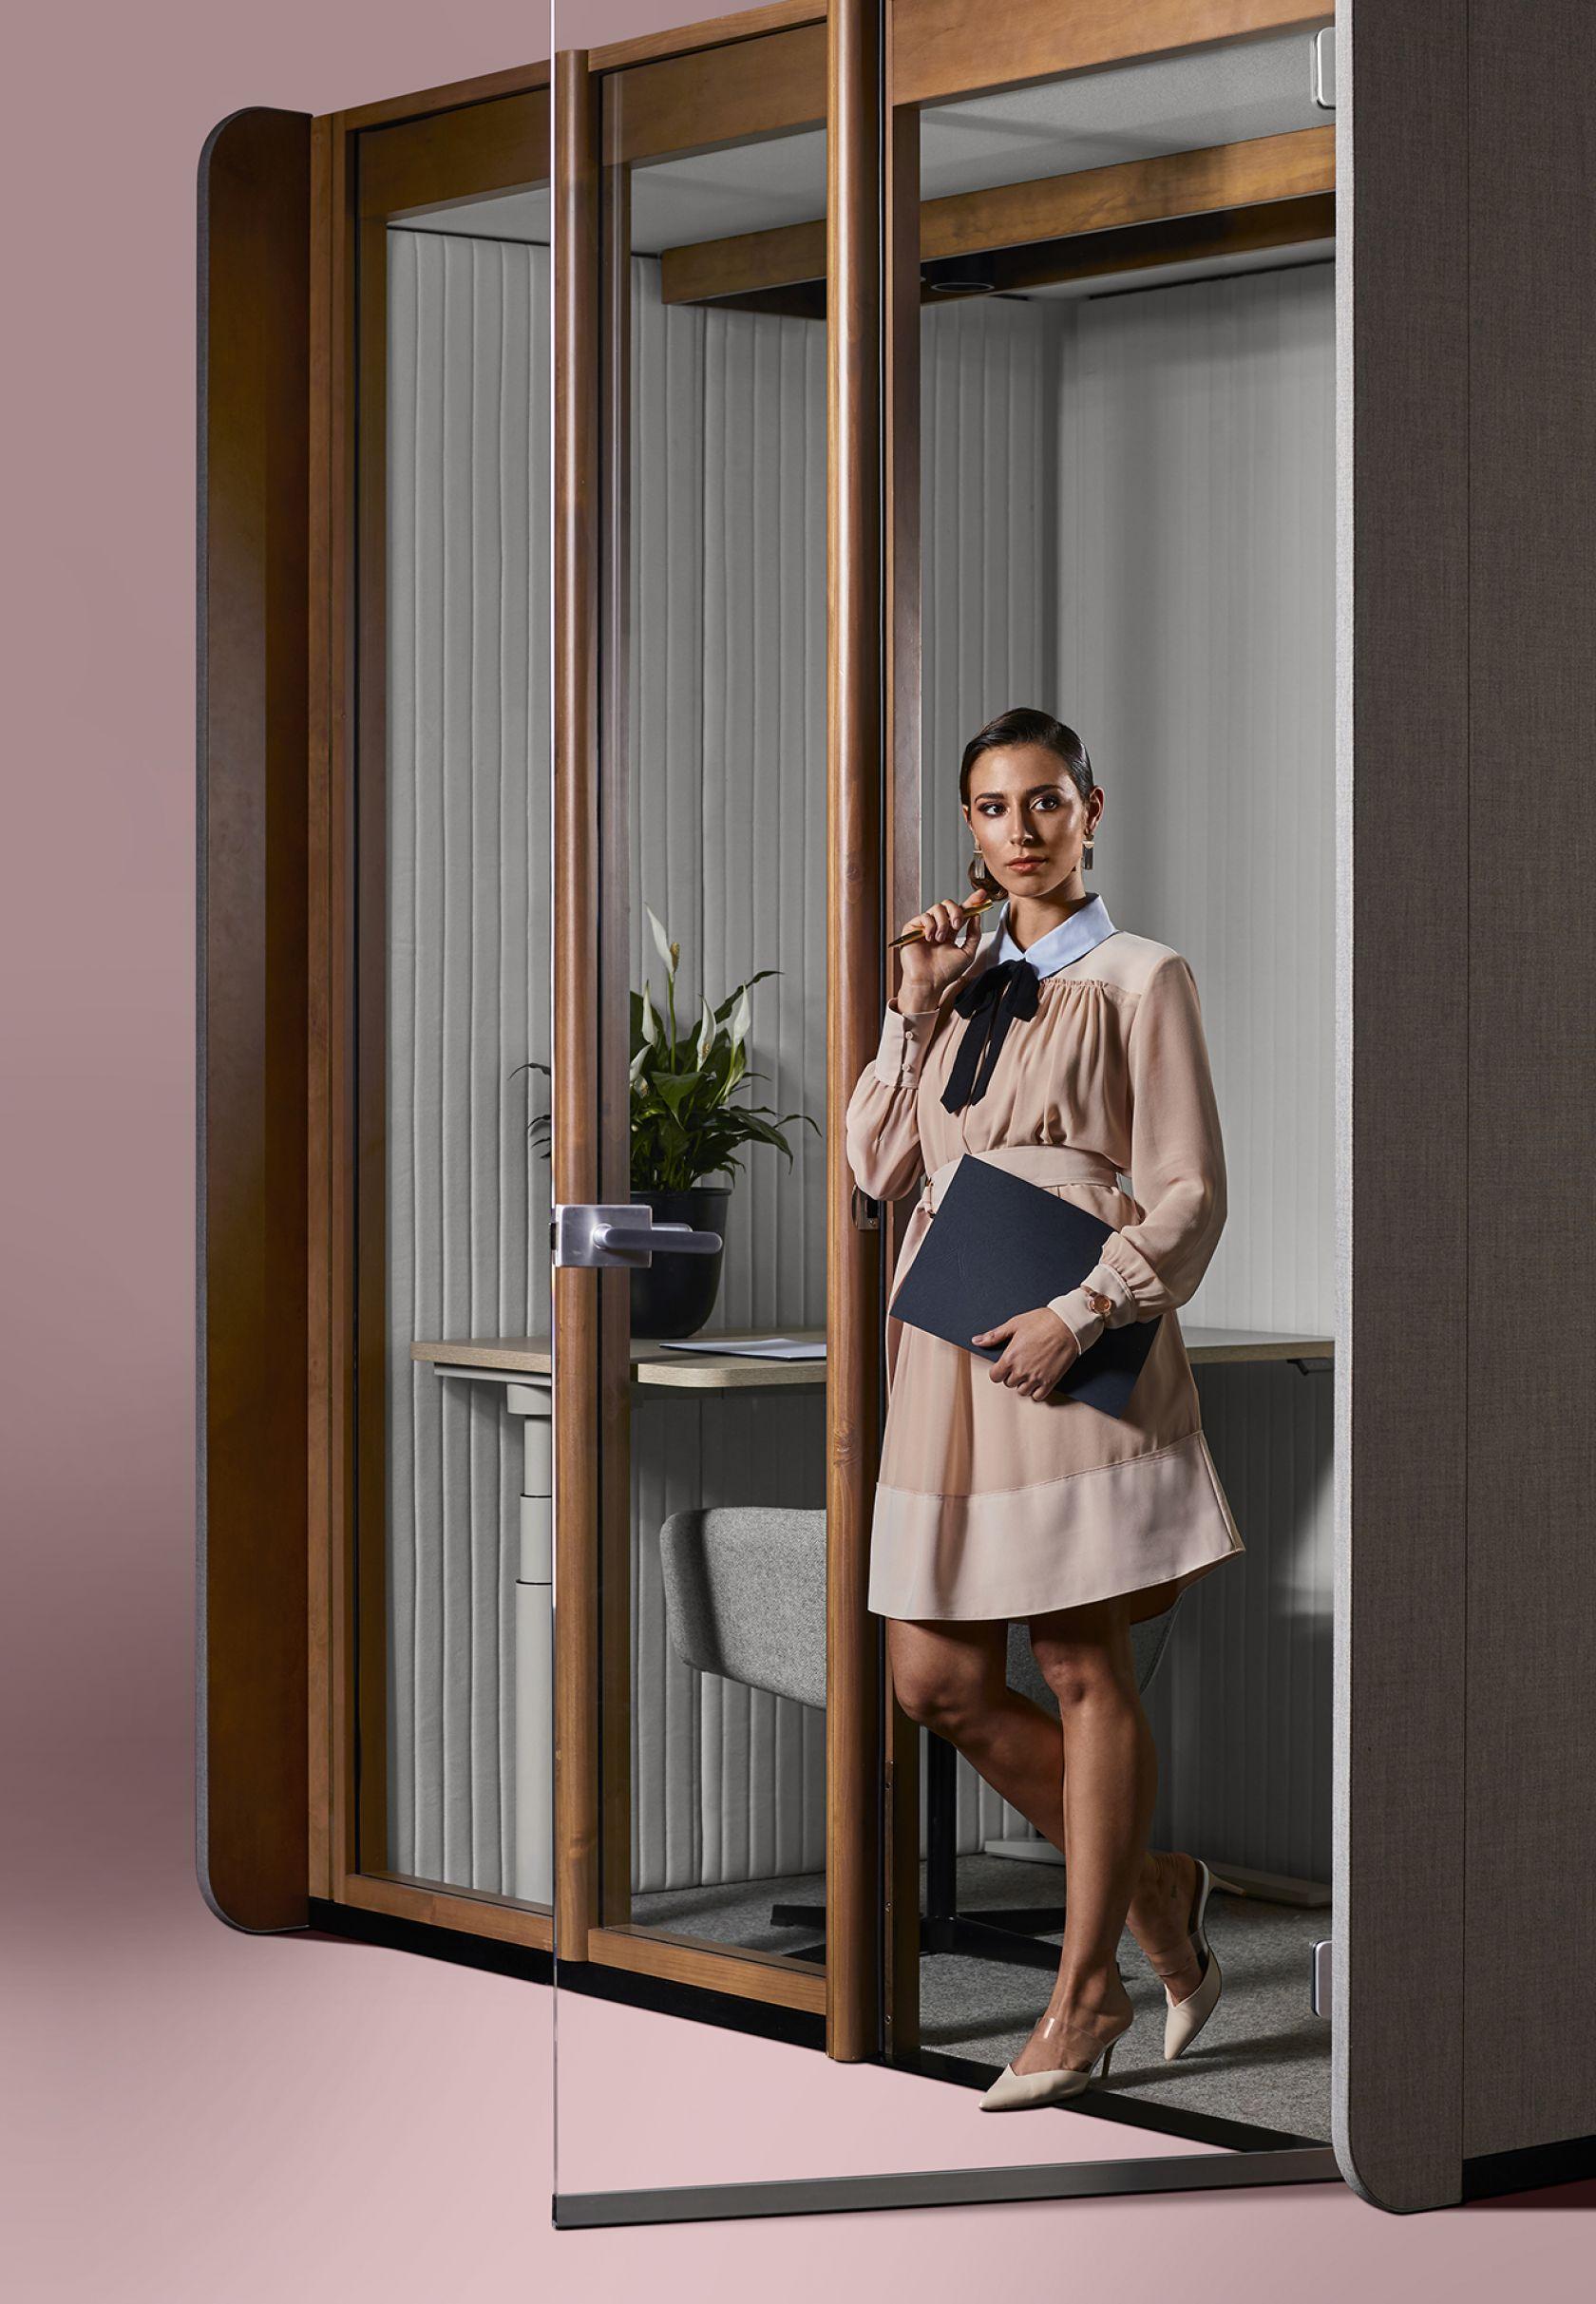 Focus Quiet Work Room / Exterior (portrait)